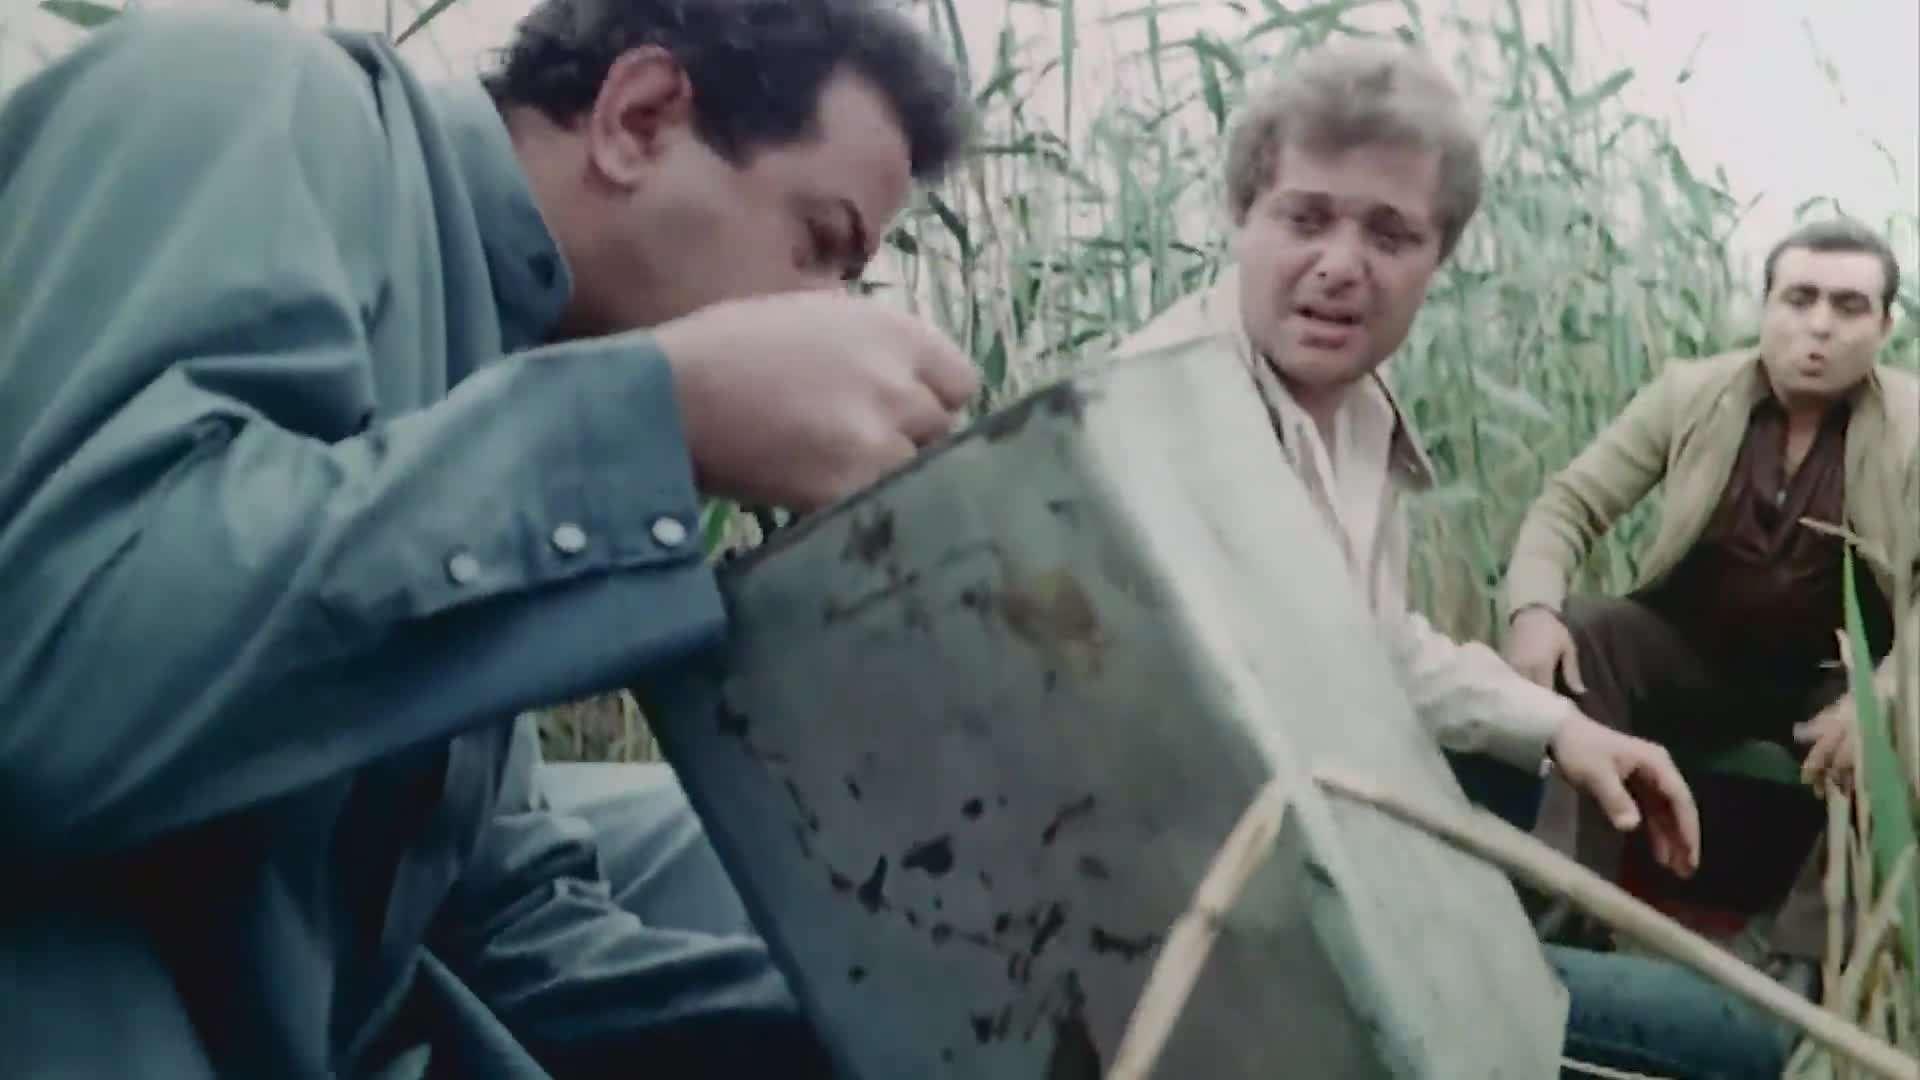 [فيلم][تورنت][تحميل][العار][1982][1080p][Web-DL] 15 arabp2p.com